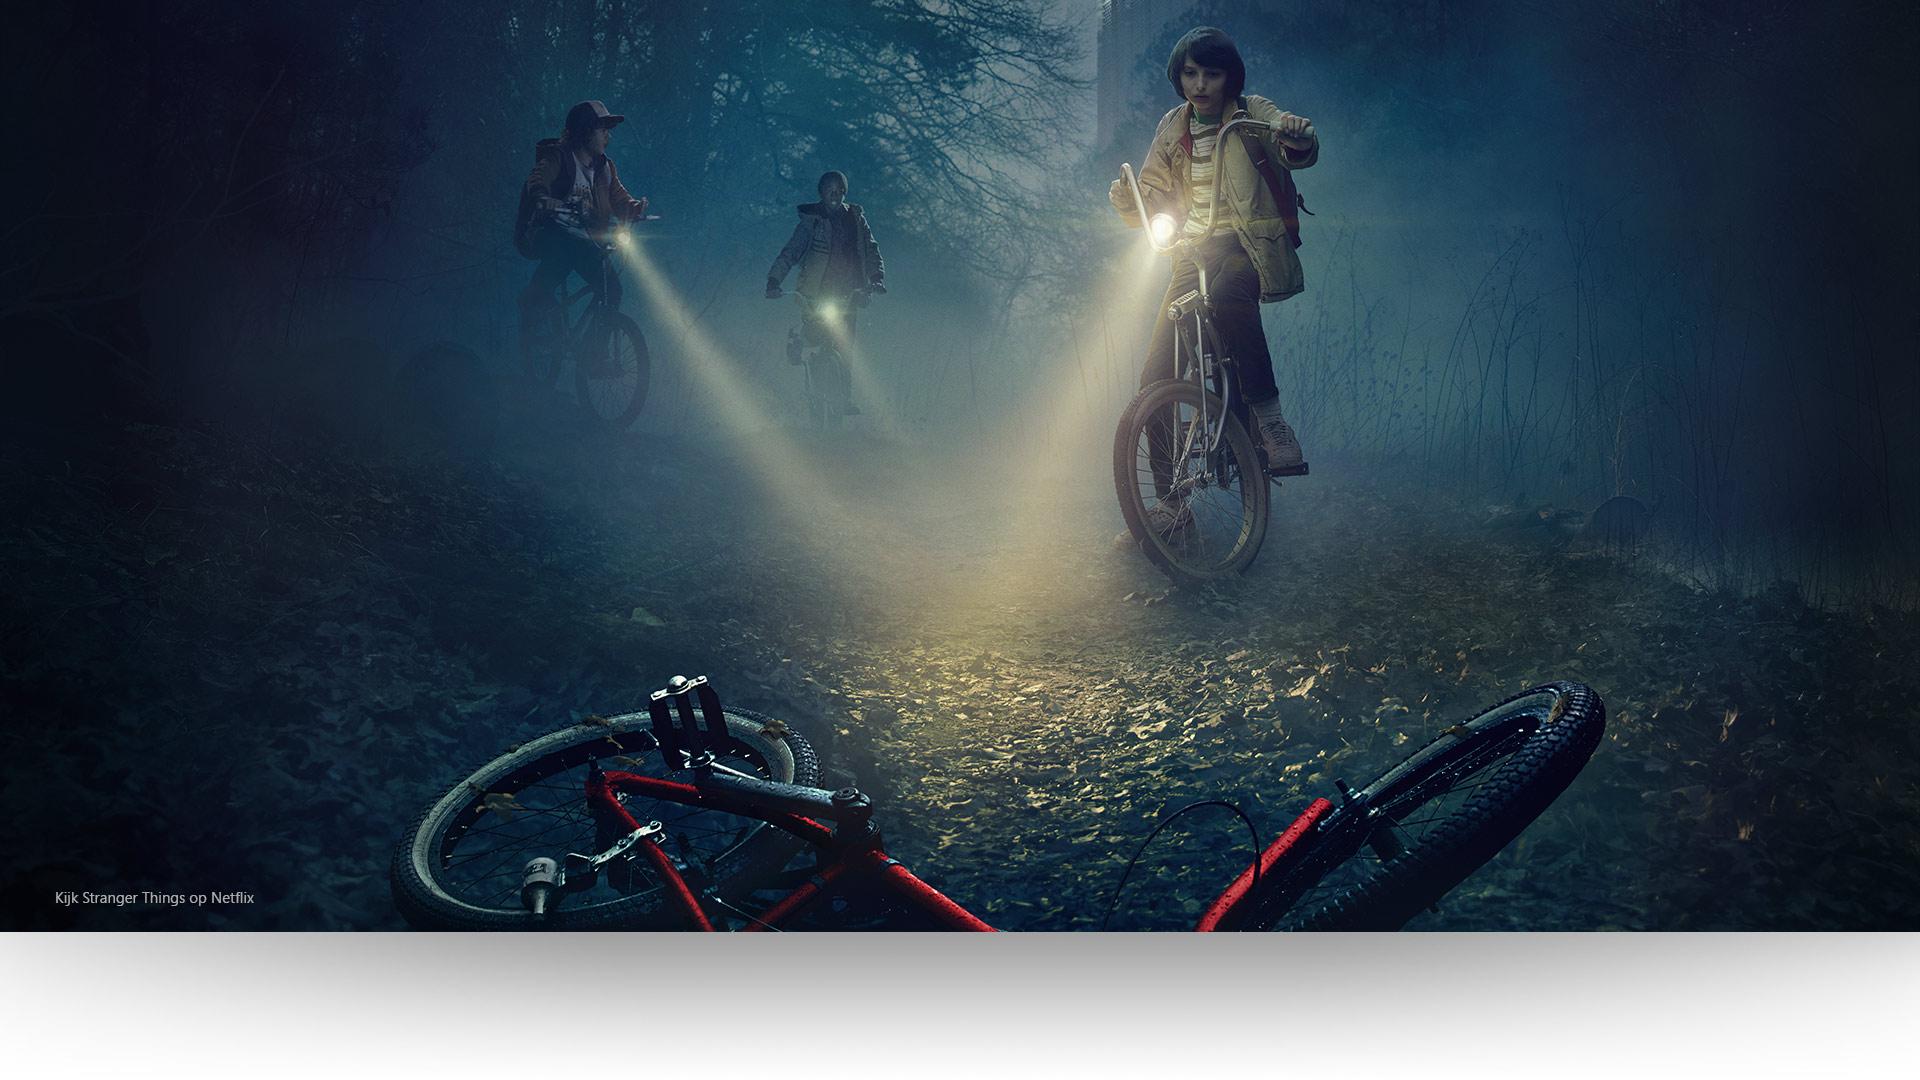 De kinderen uit Stranger Things ontdekken een fiets in het bos